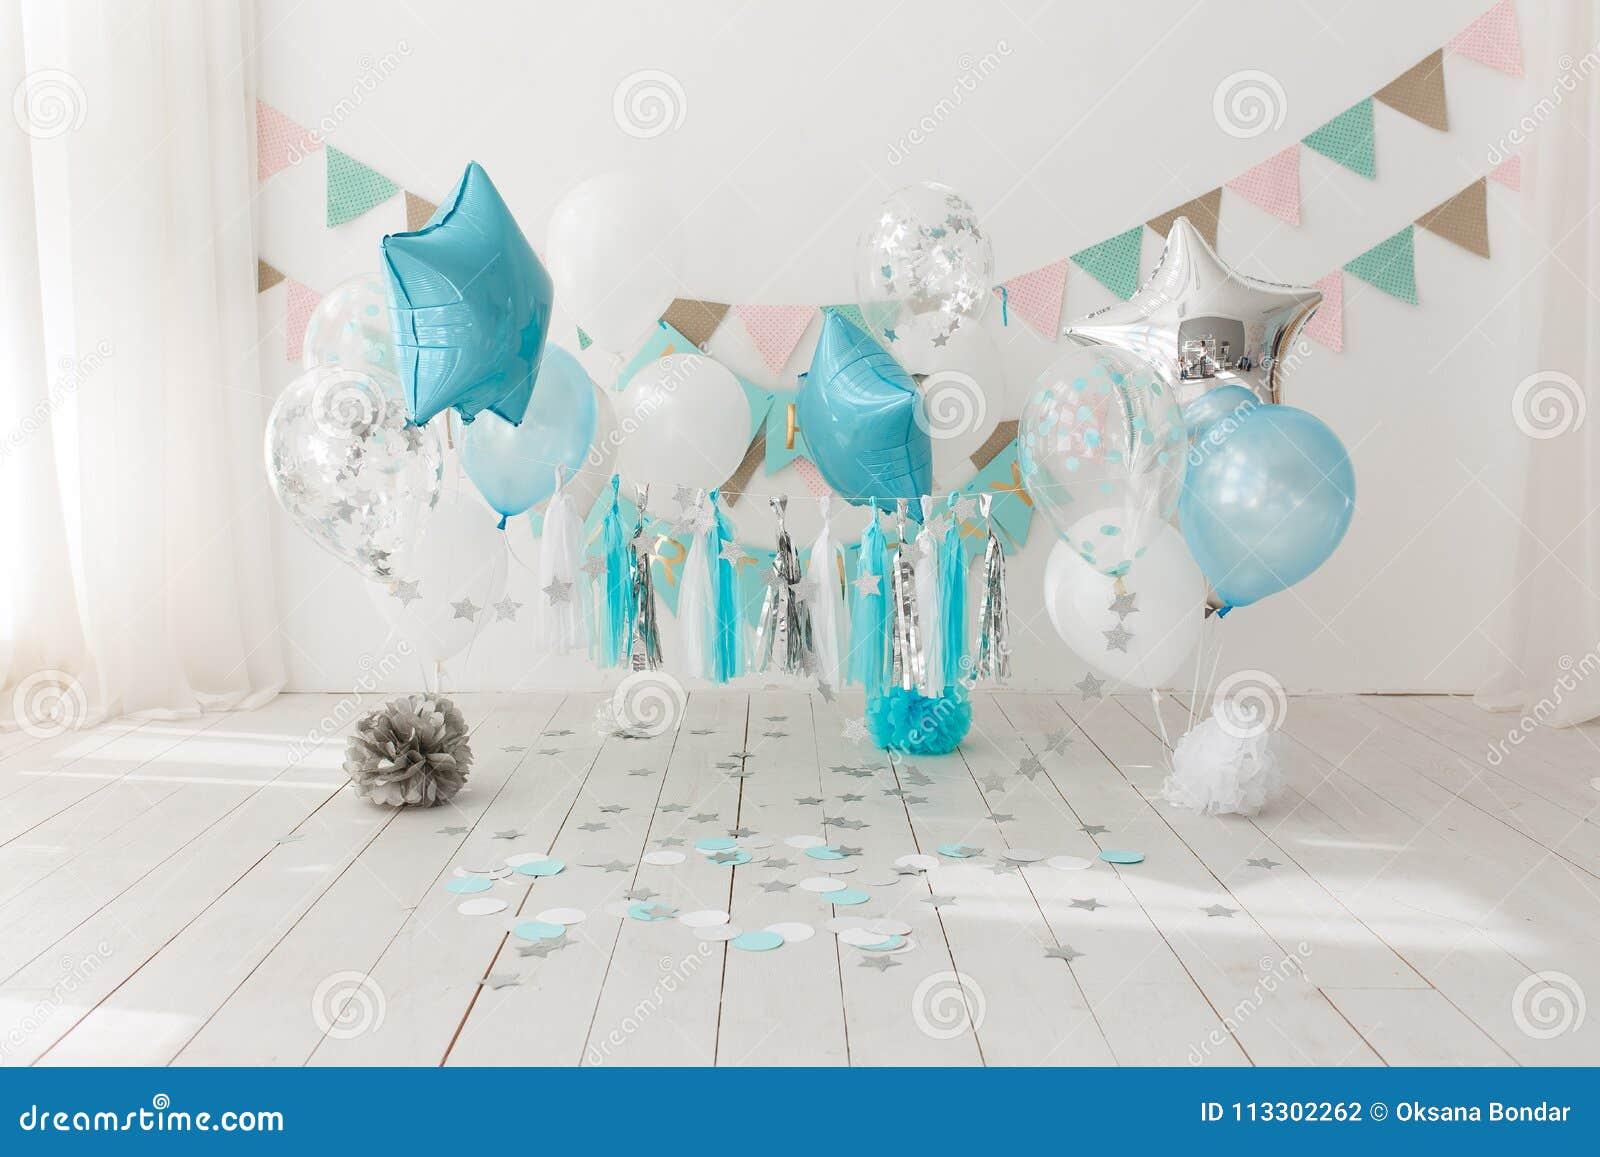 Feestelijke decoratie als achtergrond voor verjaardagsviering met